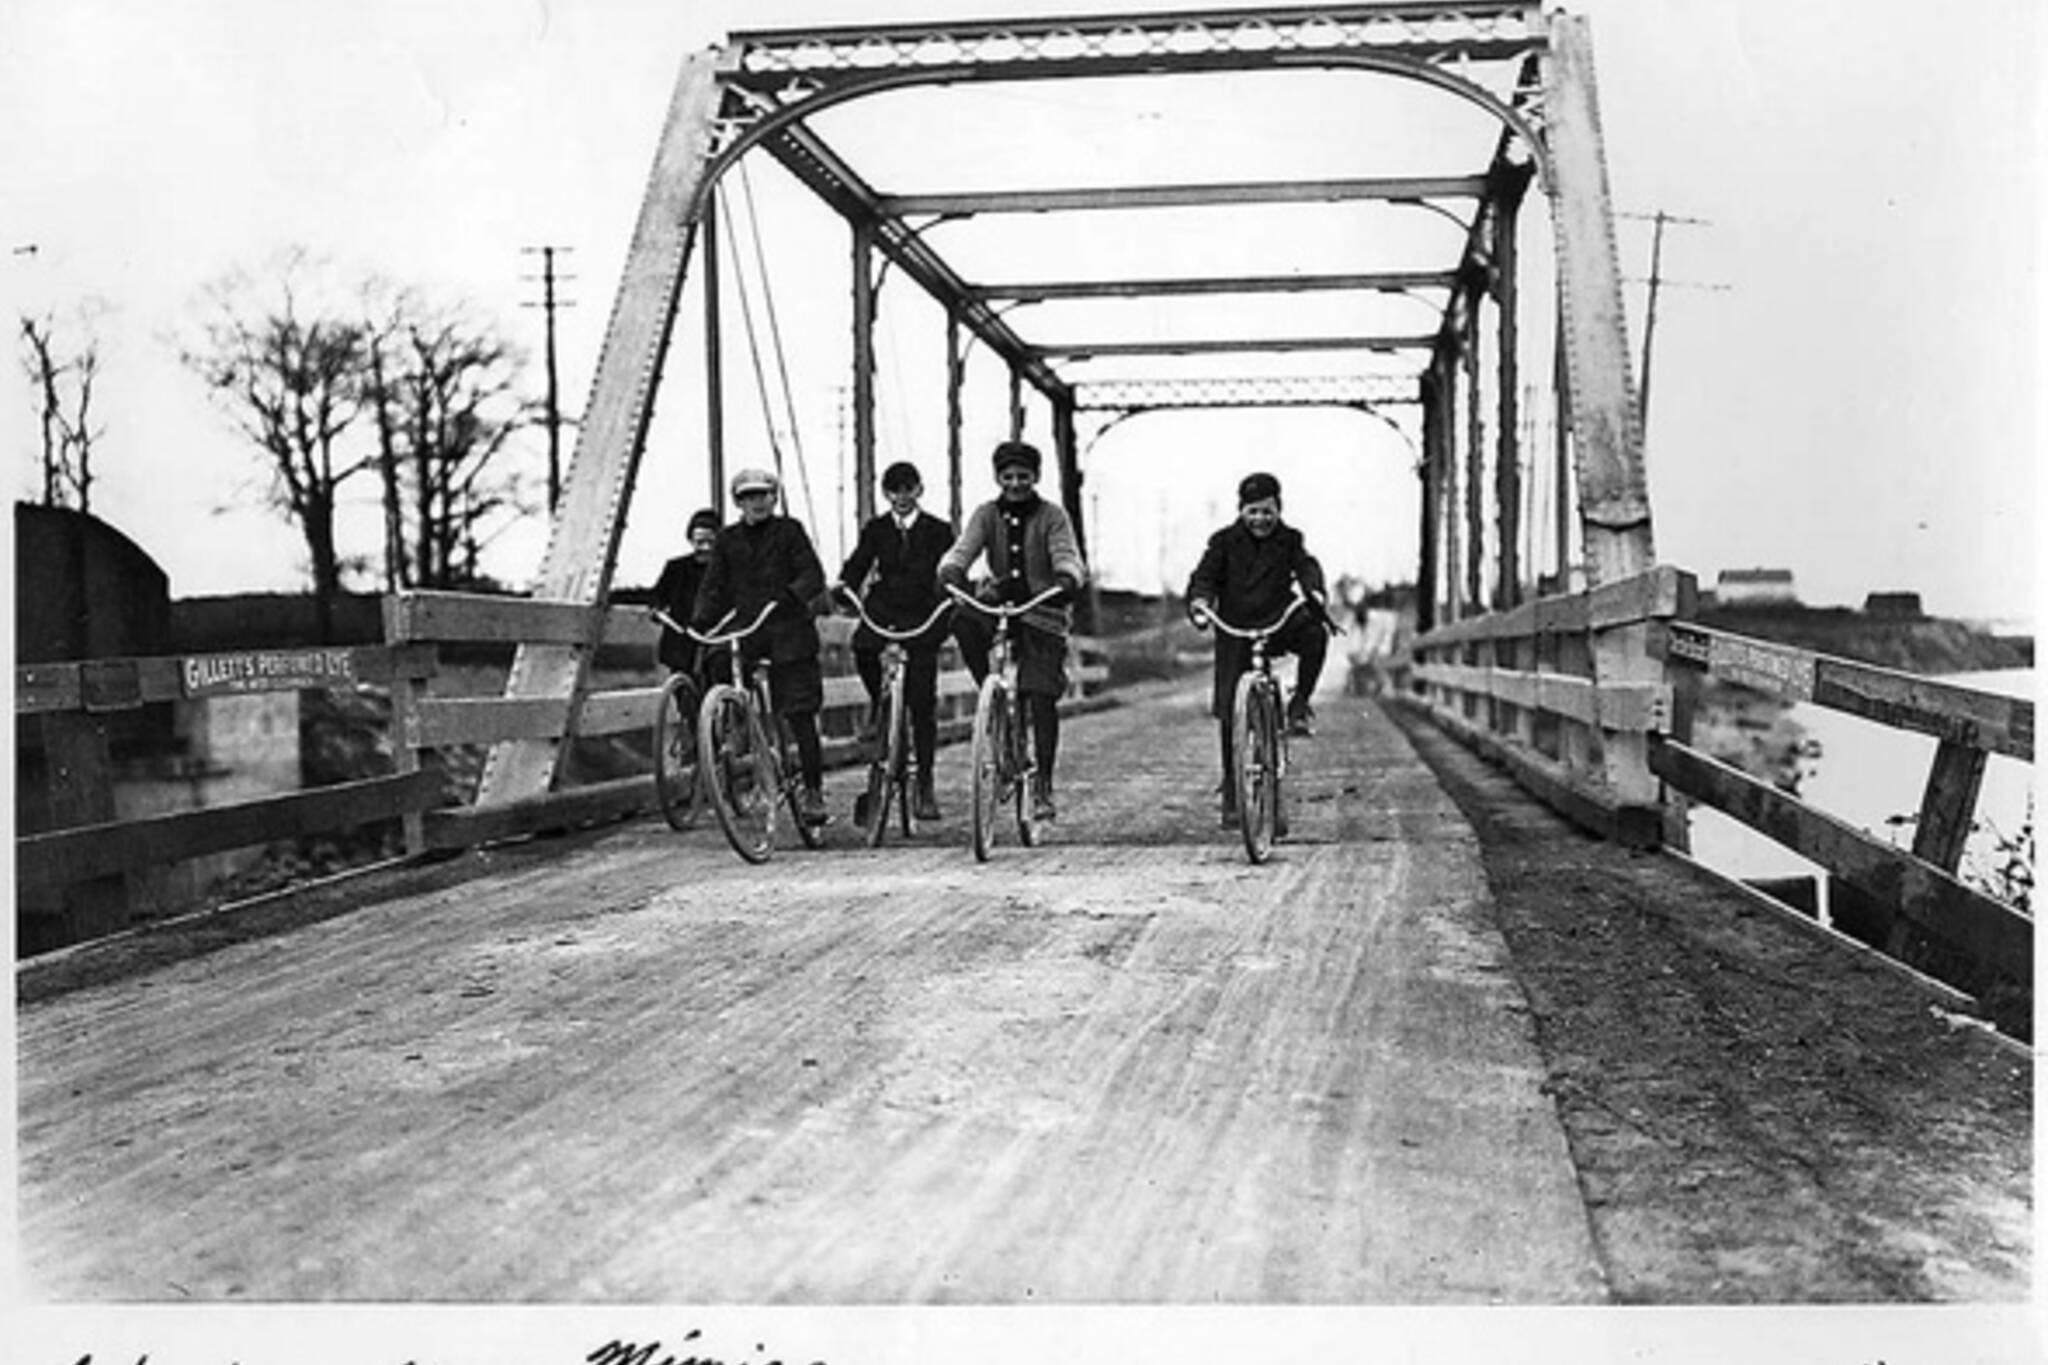 History Cycling Toronto